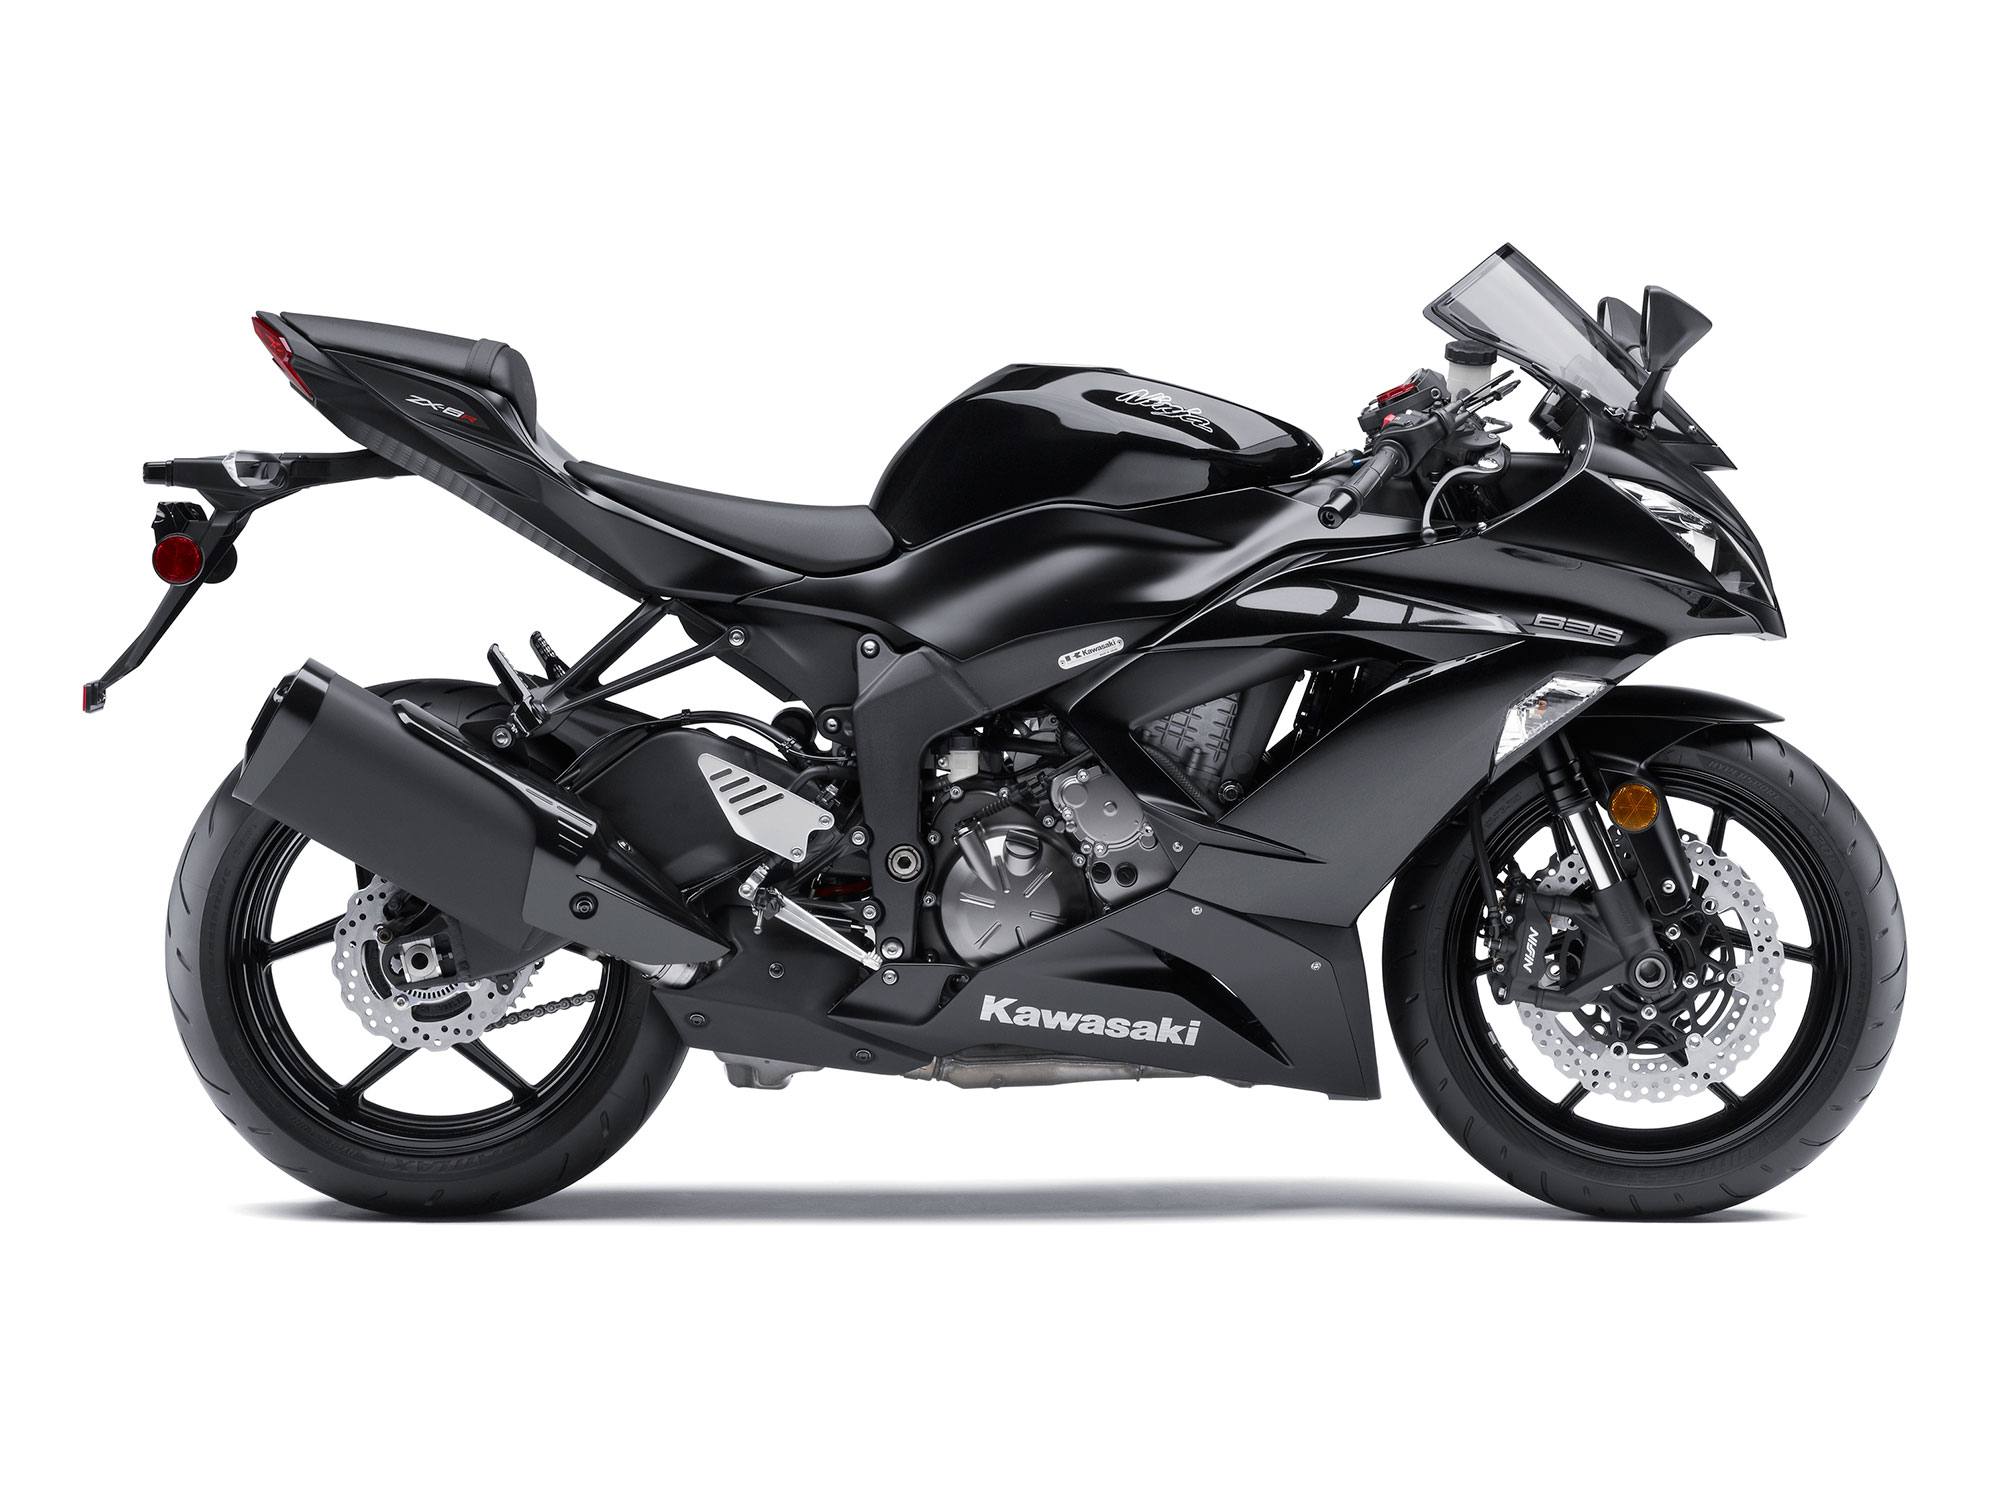 Kawasaki Ninja Zx 6r Specs 2012 2013 Autoevolution